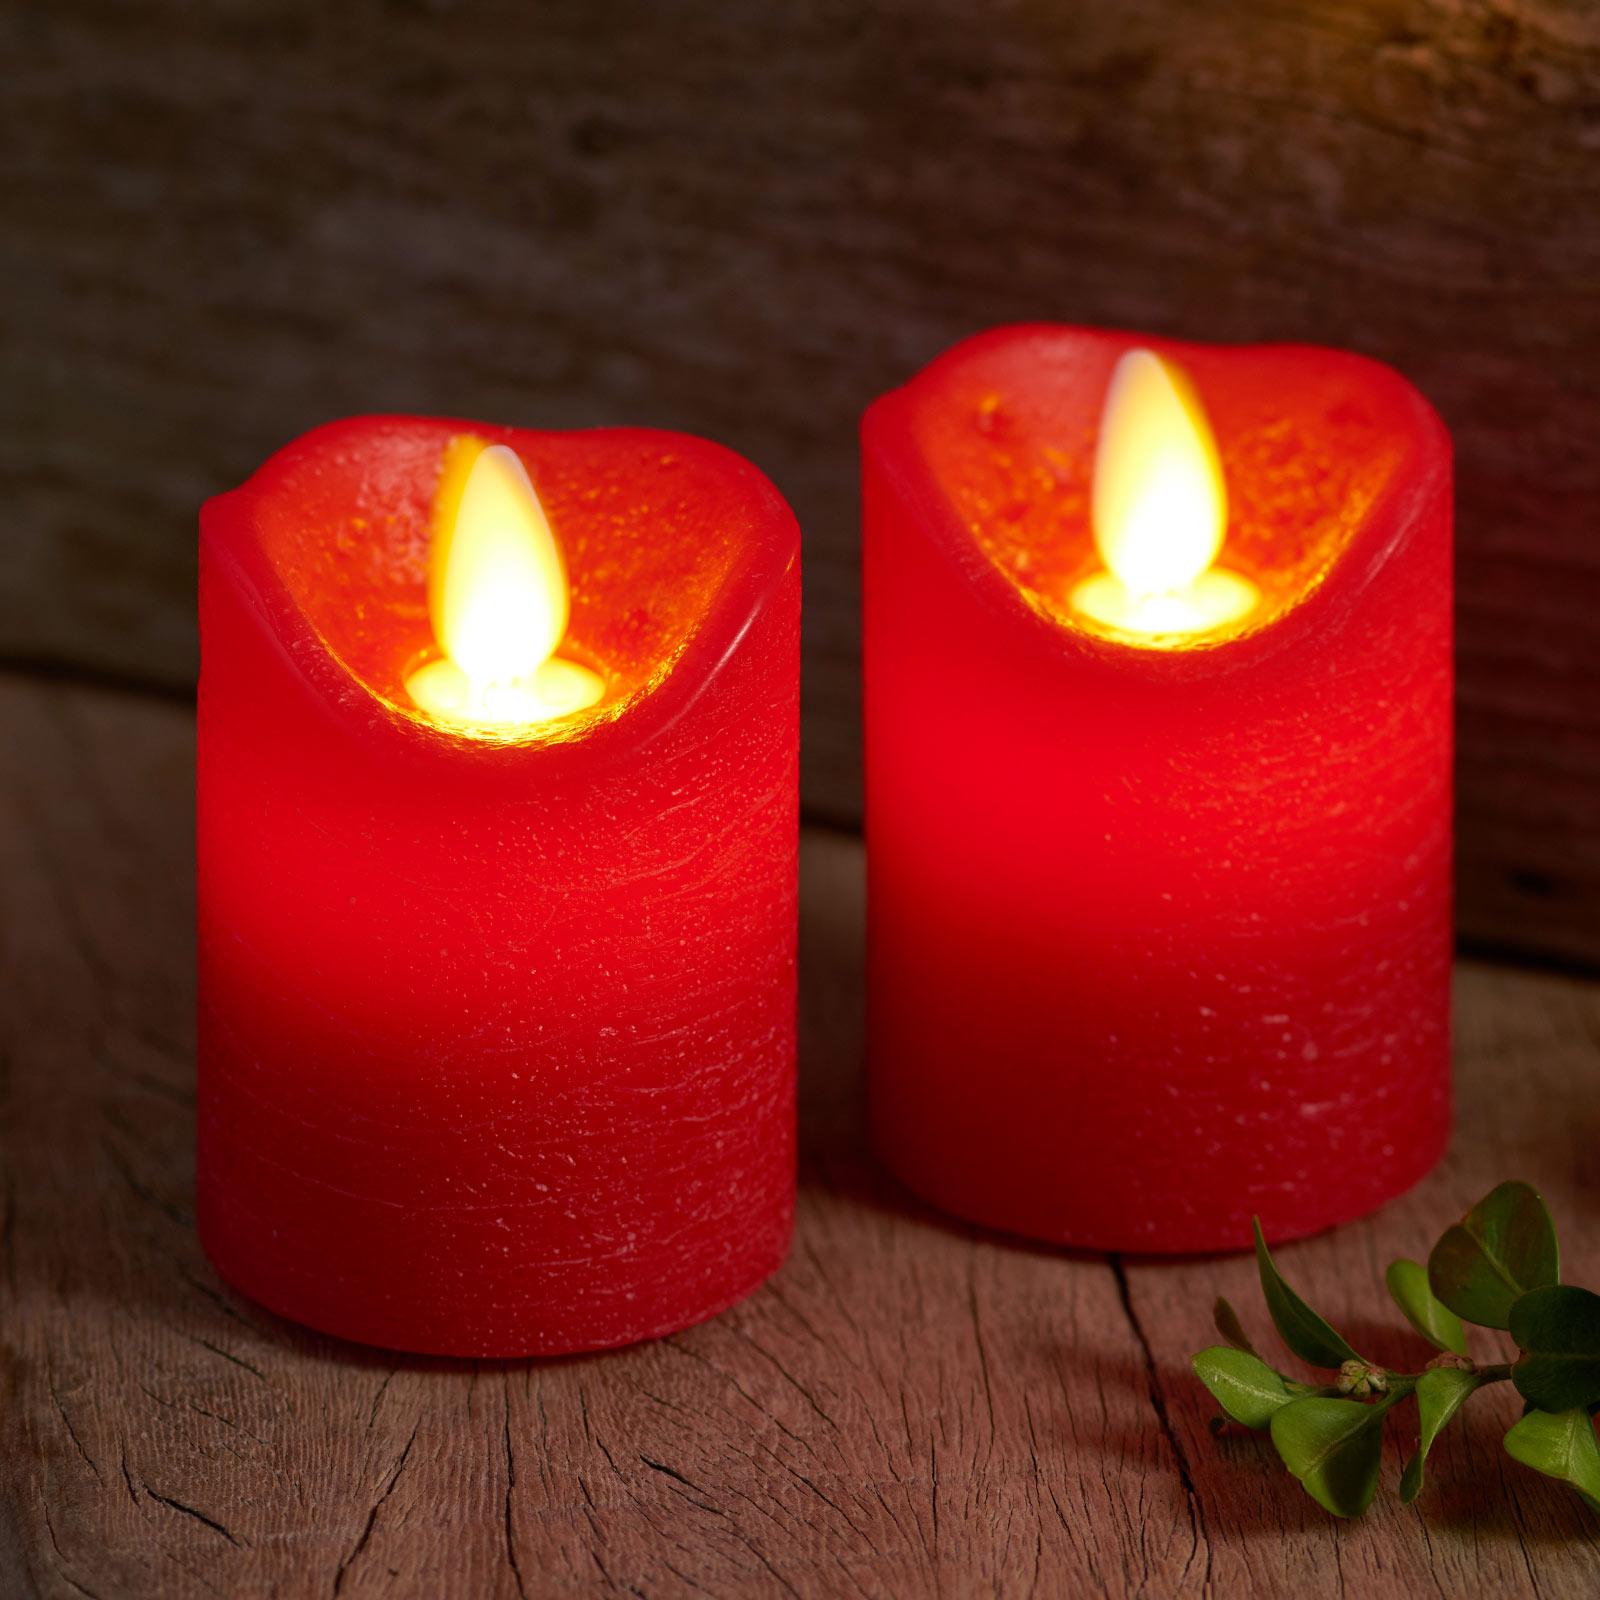 LED-Kerze Sara Mini 2er, rot, Ø 5cm, Höhe 7cm